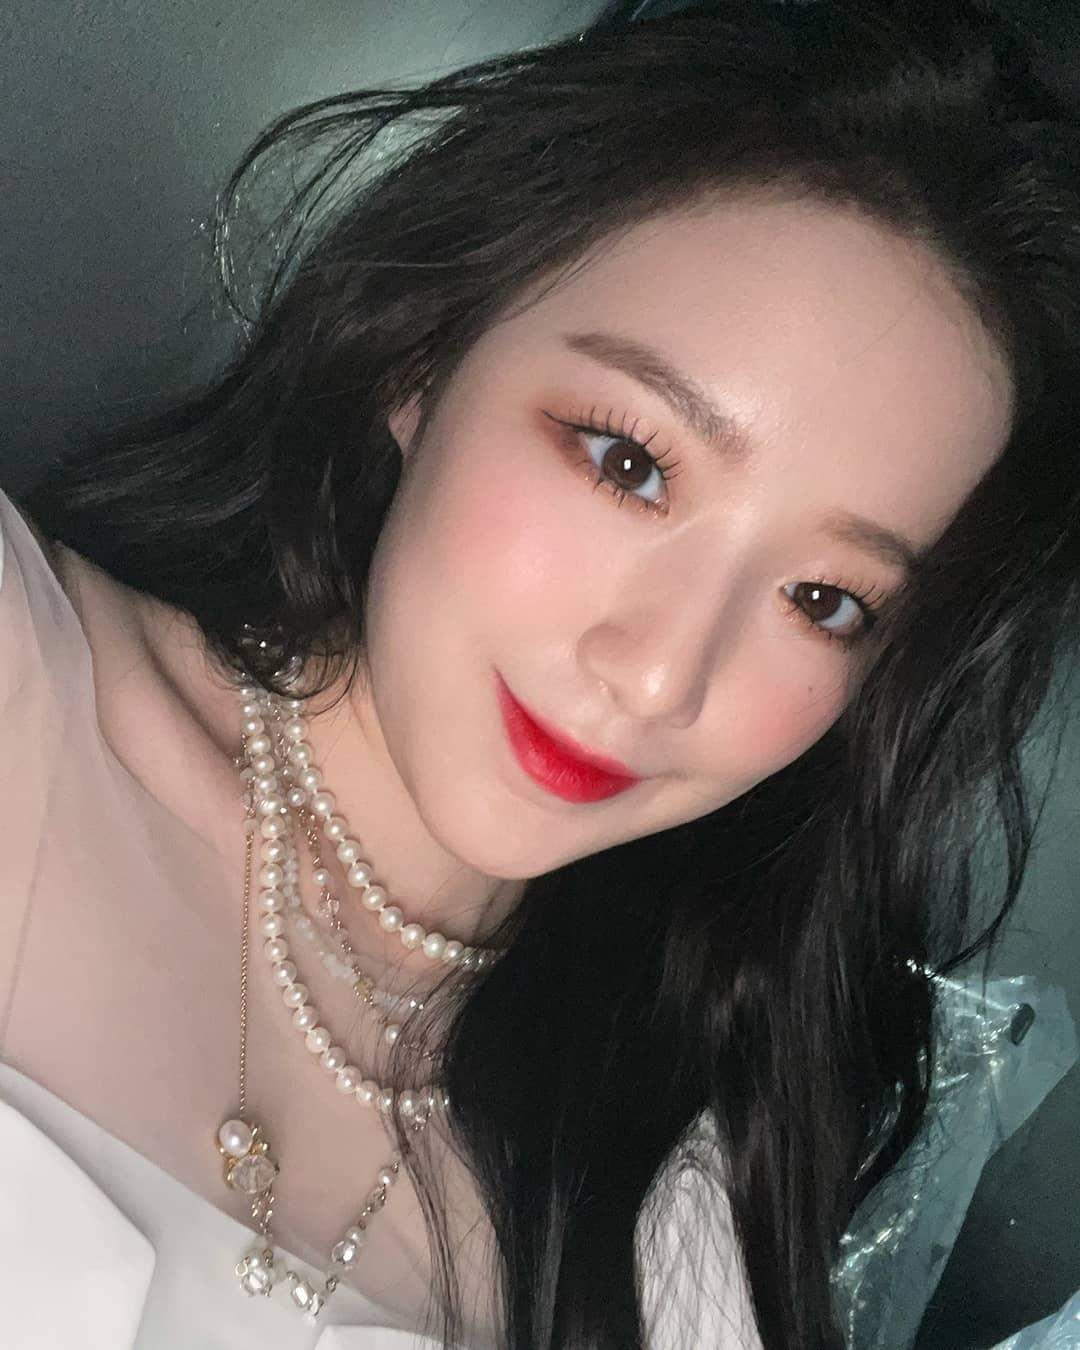 """Loạt makeup look """"đỉnh của chóp"""" từ idol Kpop, nhìn xịn sò là vậy nhưng học theo cũng đâu có khó mấy - Ảnh 10."""